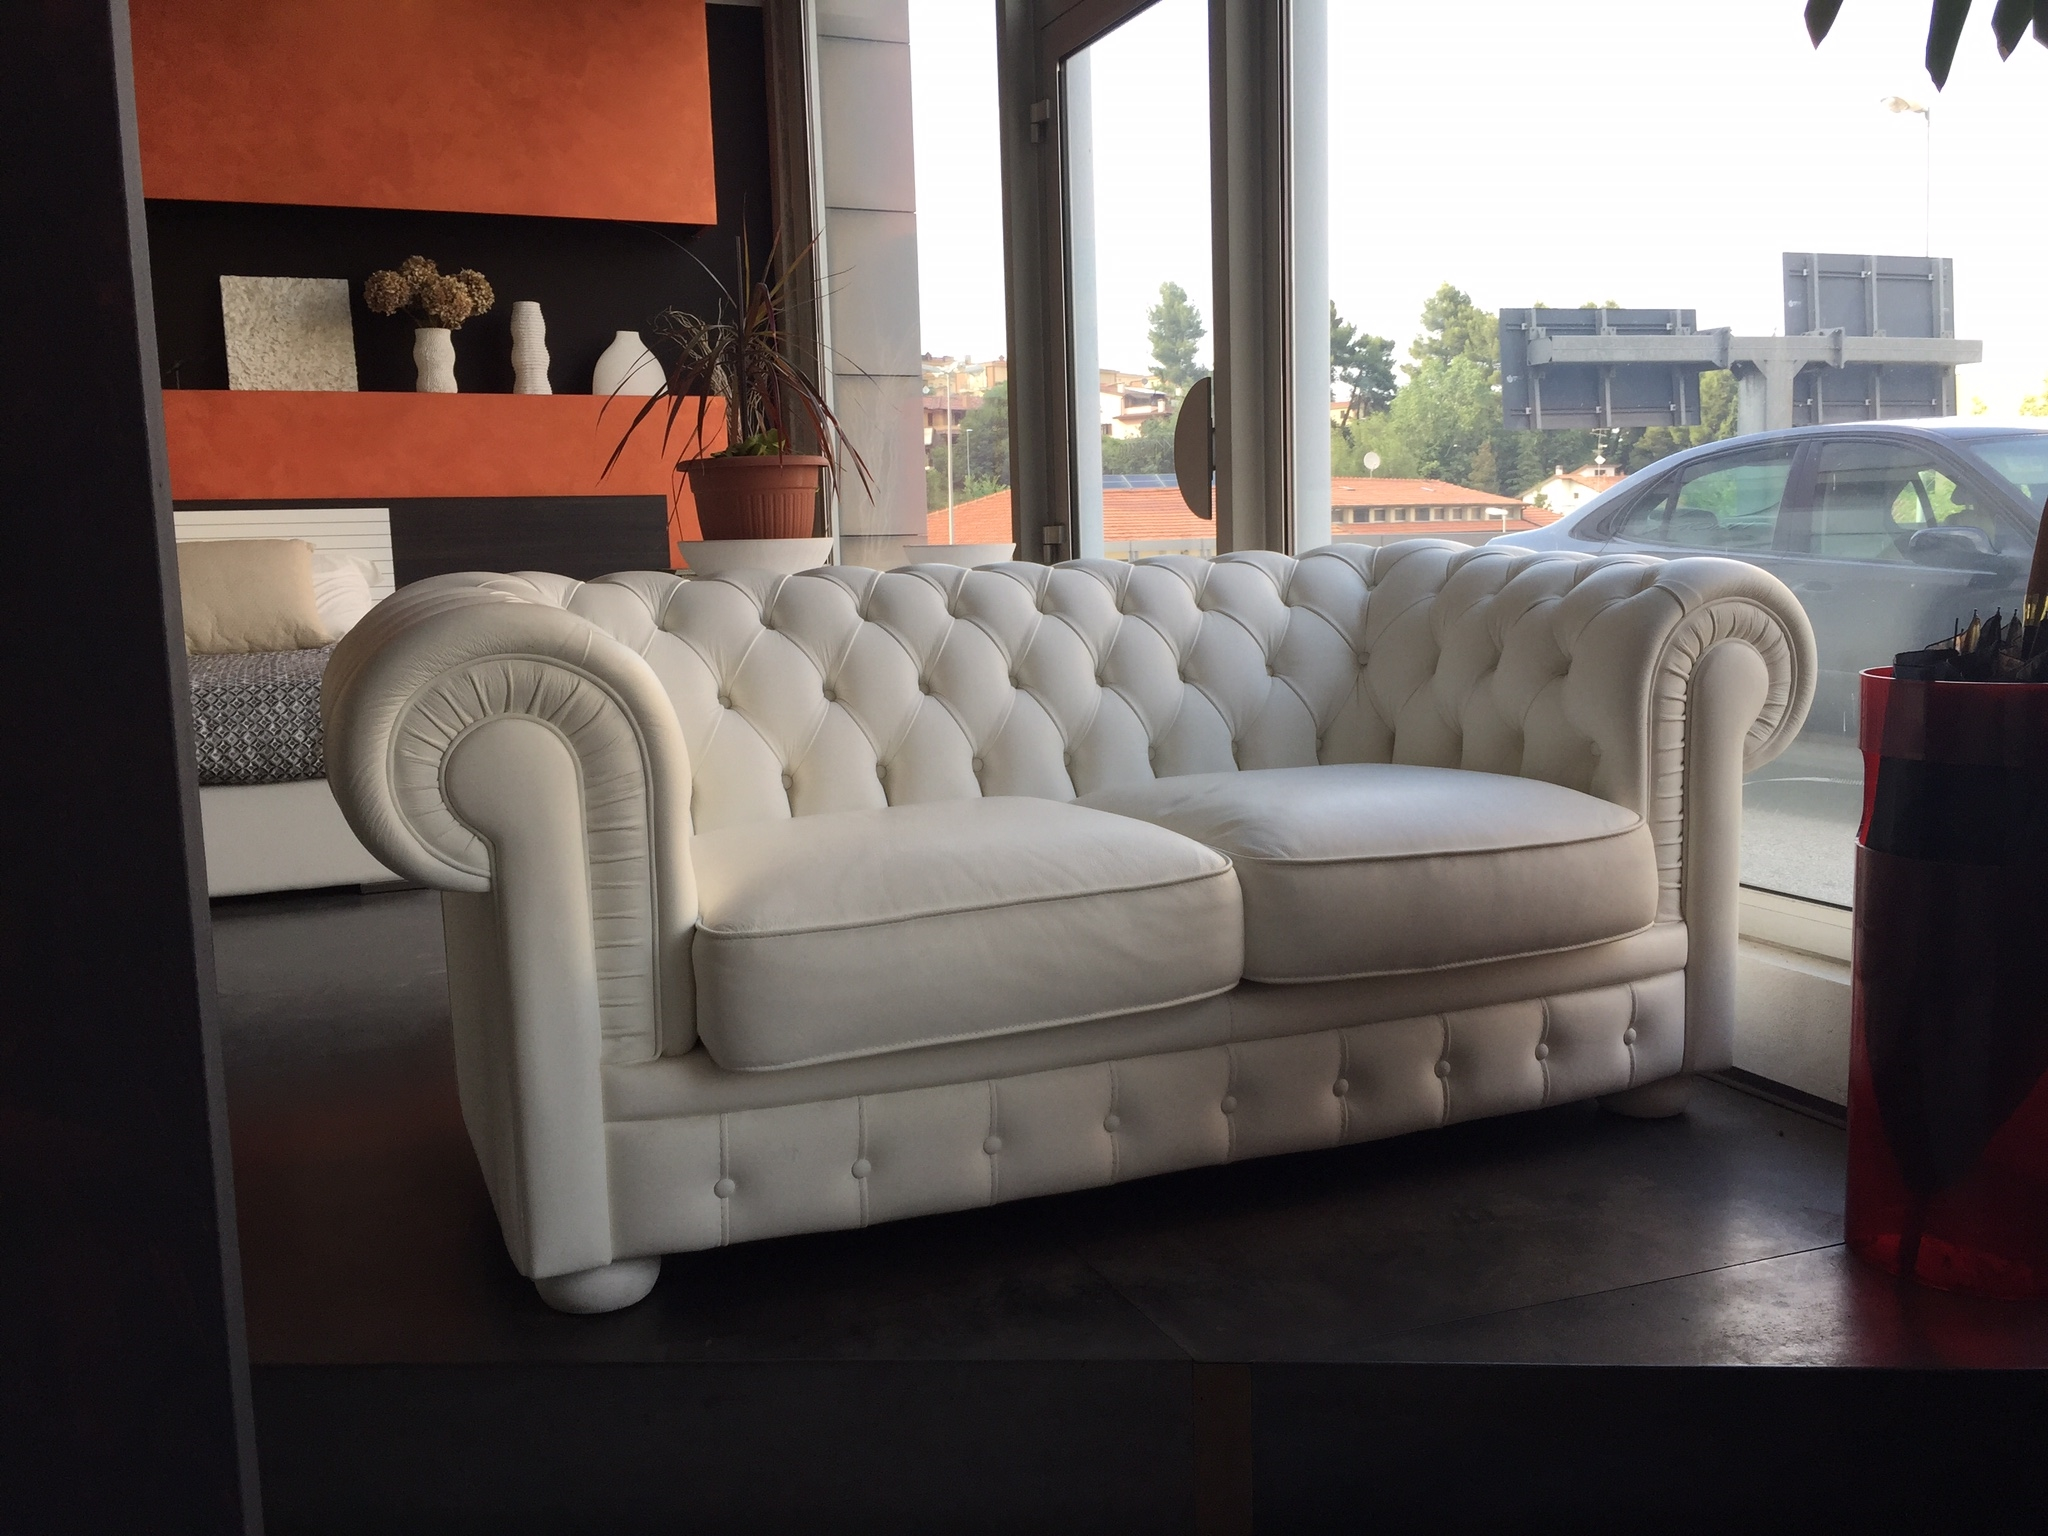 Divano doimo sofas alioth pelle chester sconto 67 - Divani in pelle poltronesofa prezzi ...